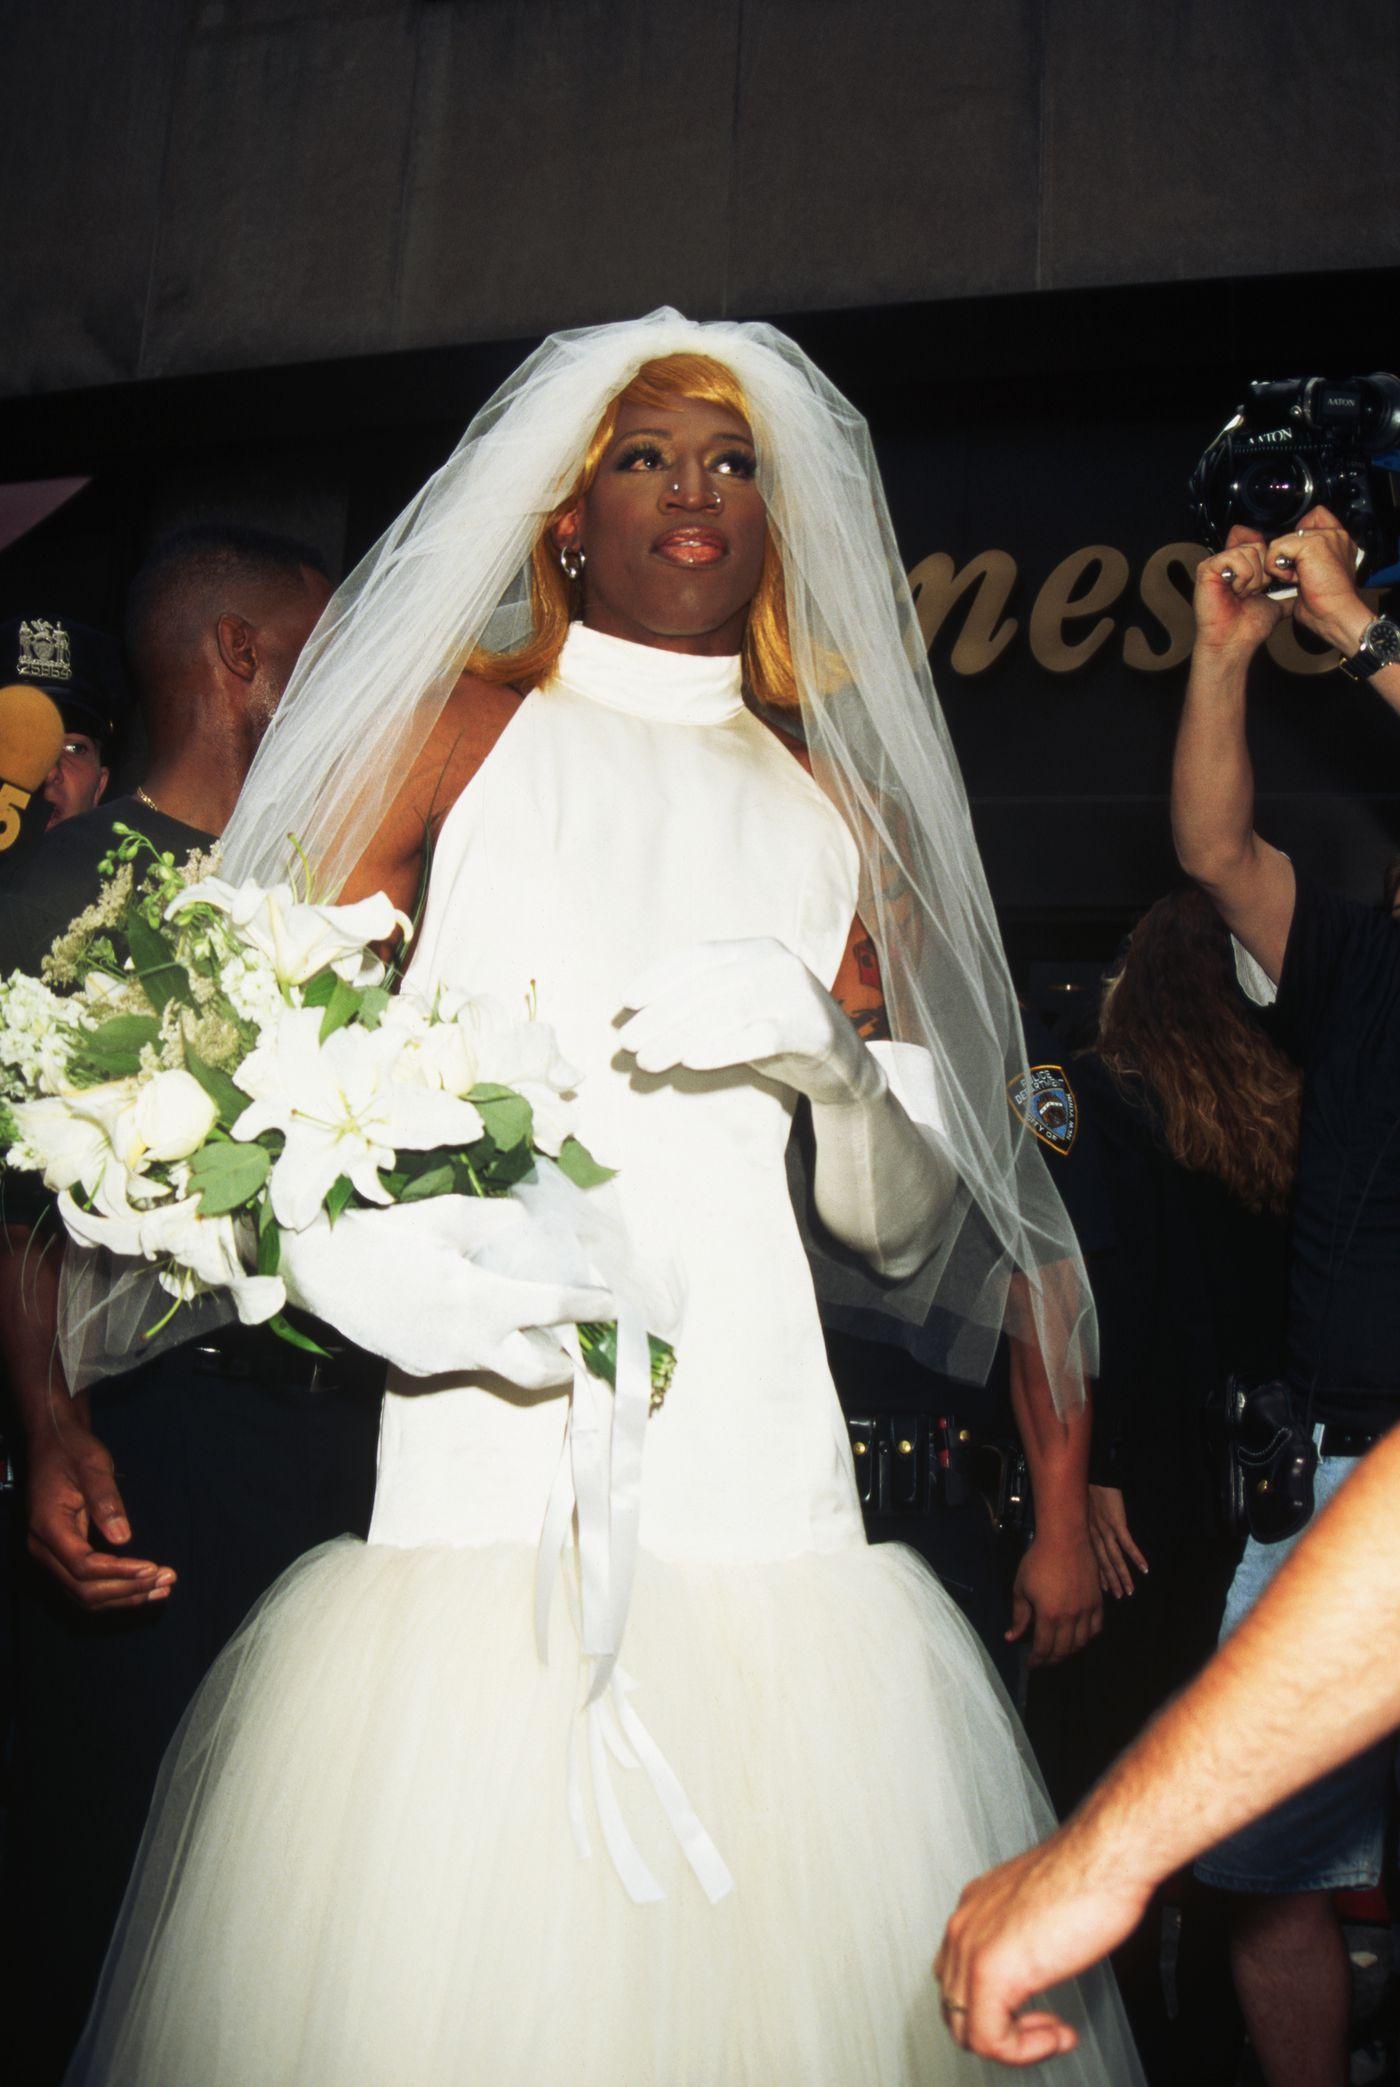 Dennis Rodman Wedding Gown For Short Brides - believe it